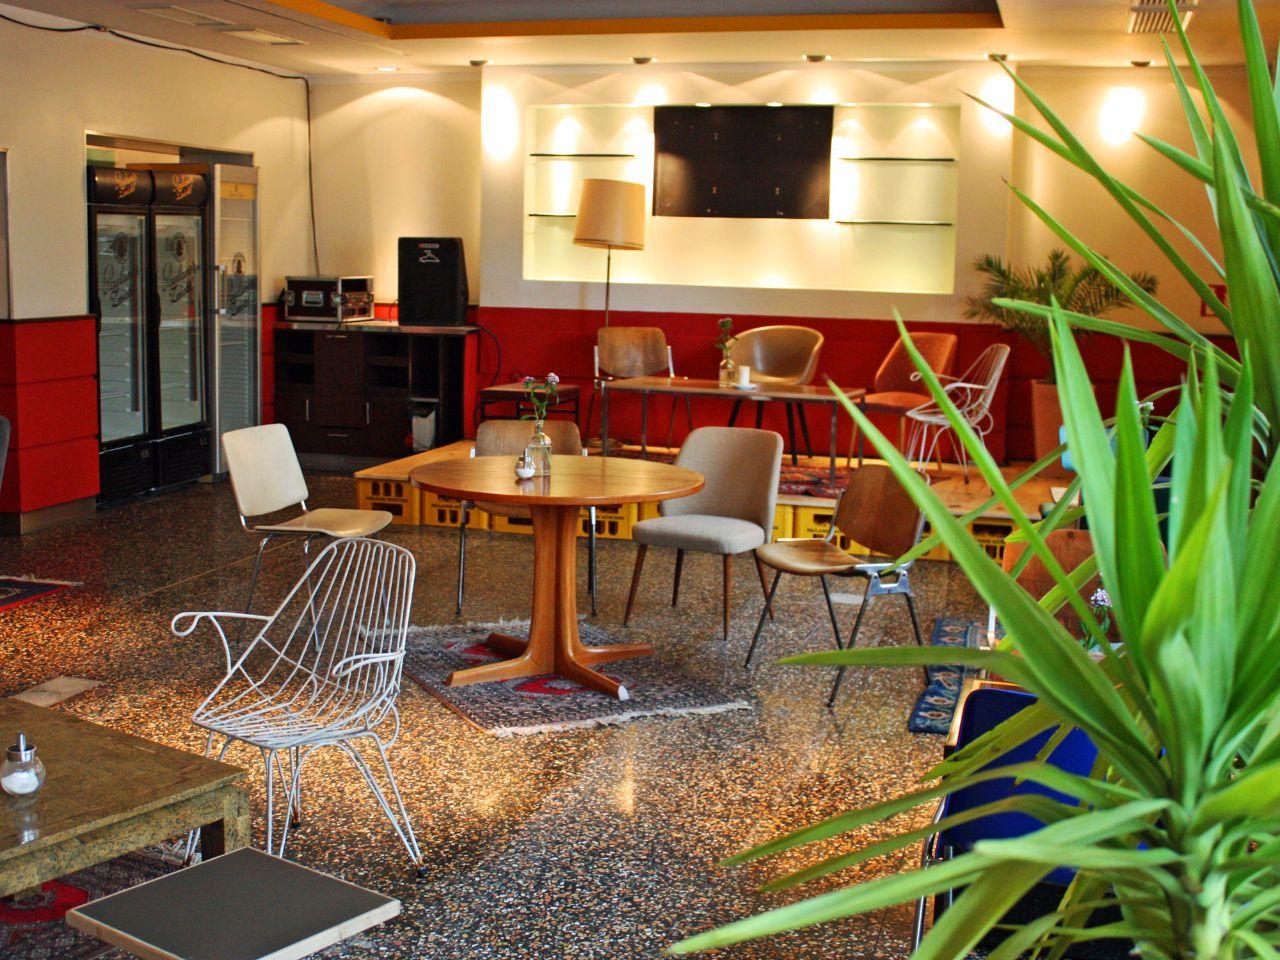 Neue Bar Im Grtnerplatzviertel 404 Page Not Found Das Eindrcke Vom